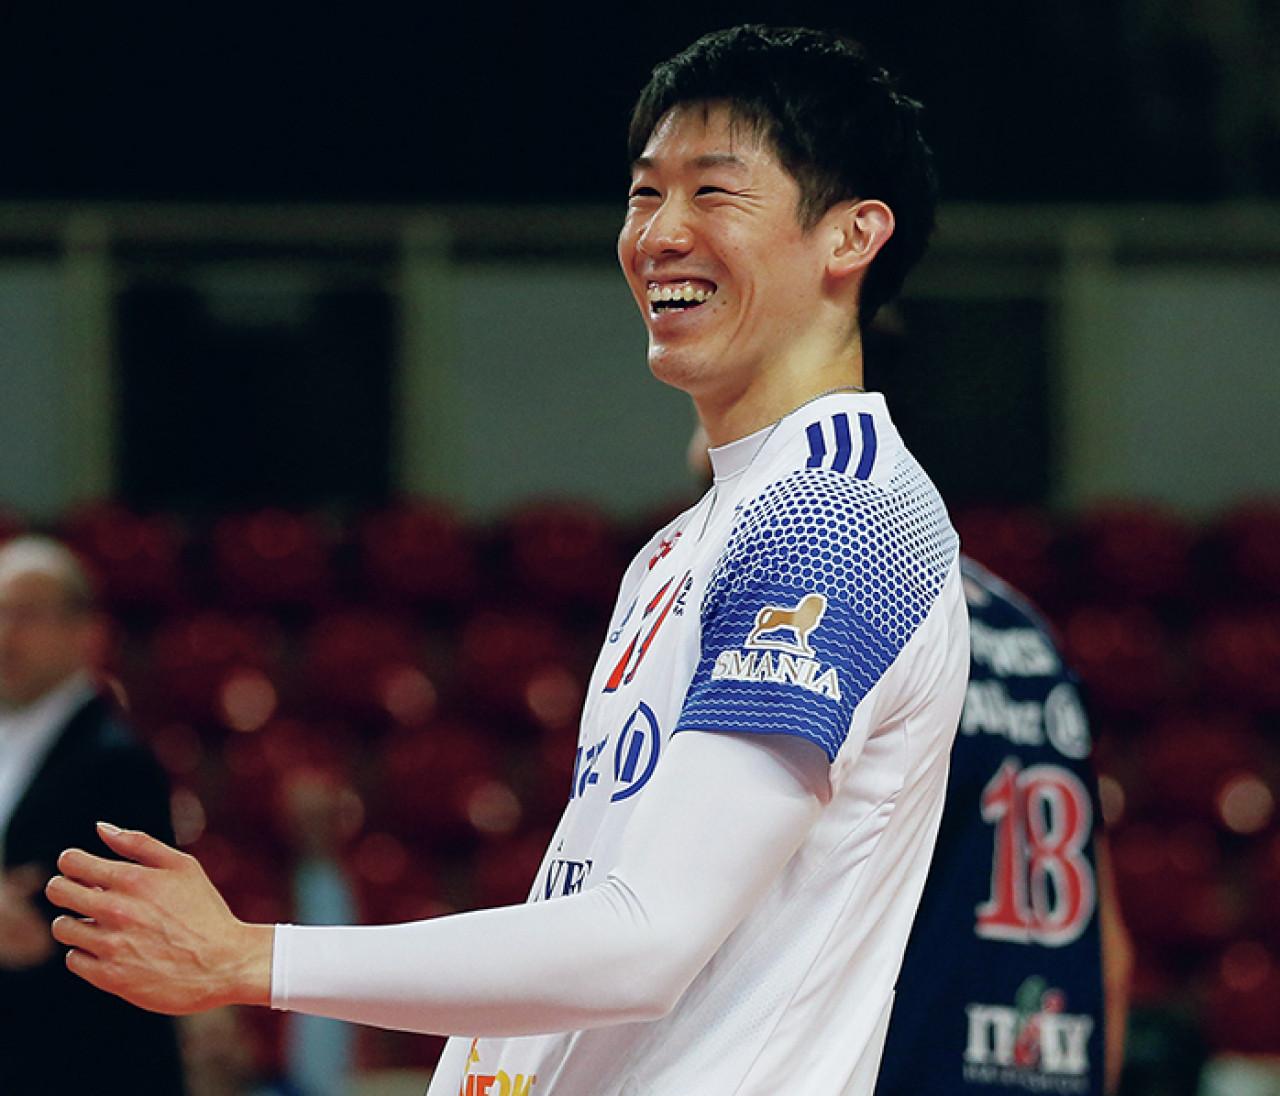 【 #龍神NIPPON バレーボール男子がアツい!】注目の日本人バレーボール選手6人をチェック!